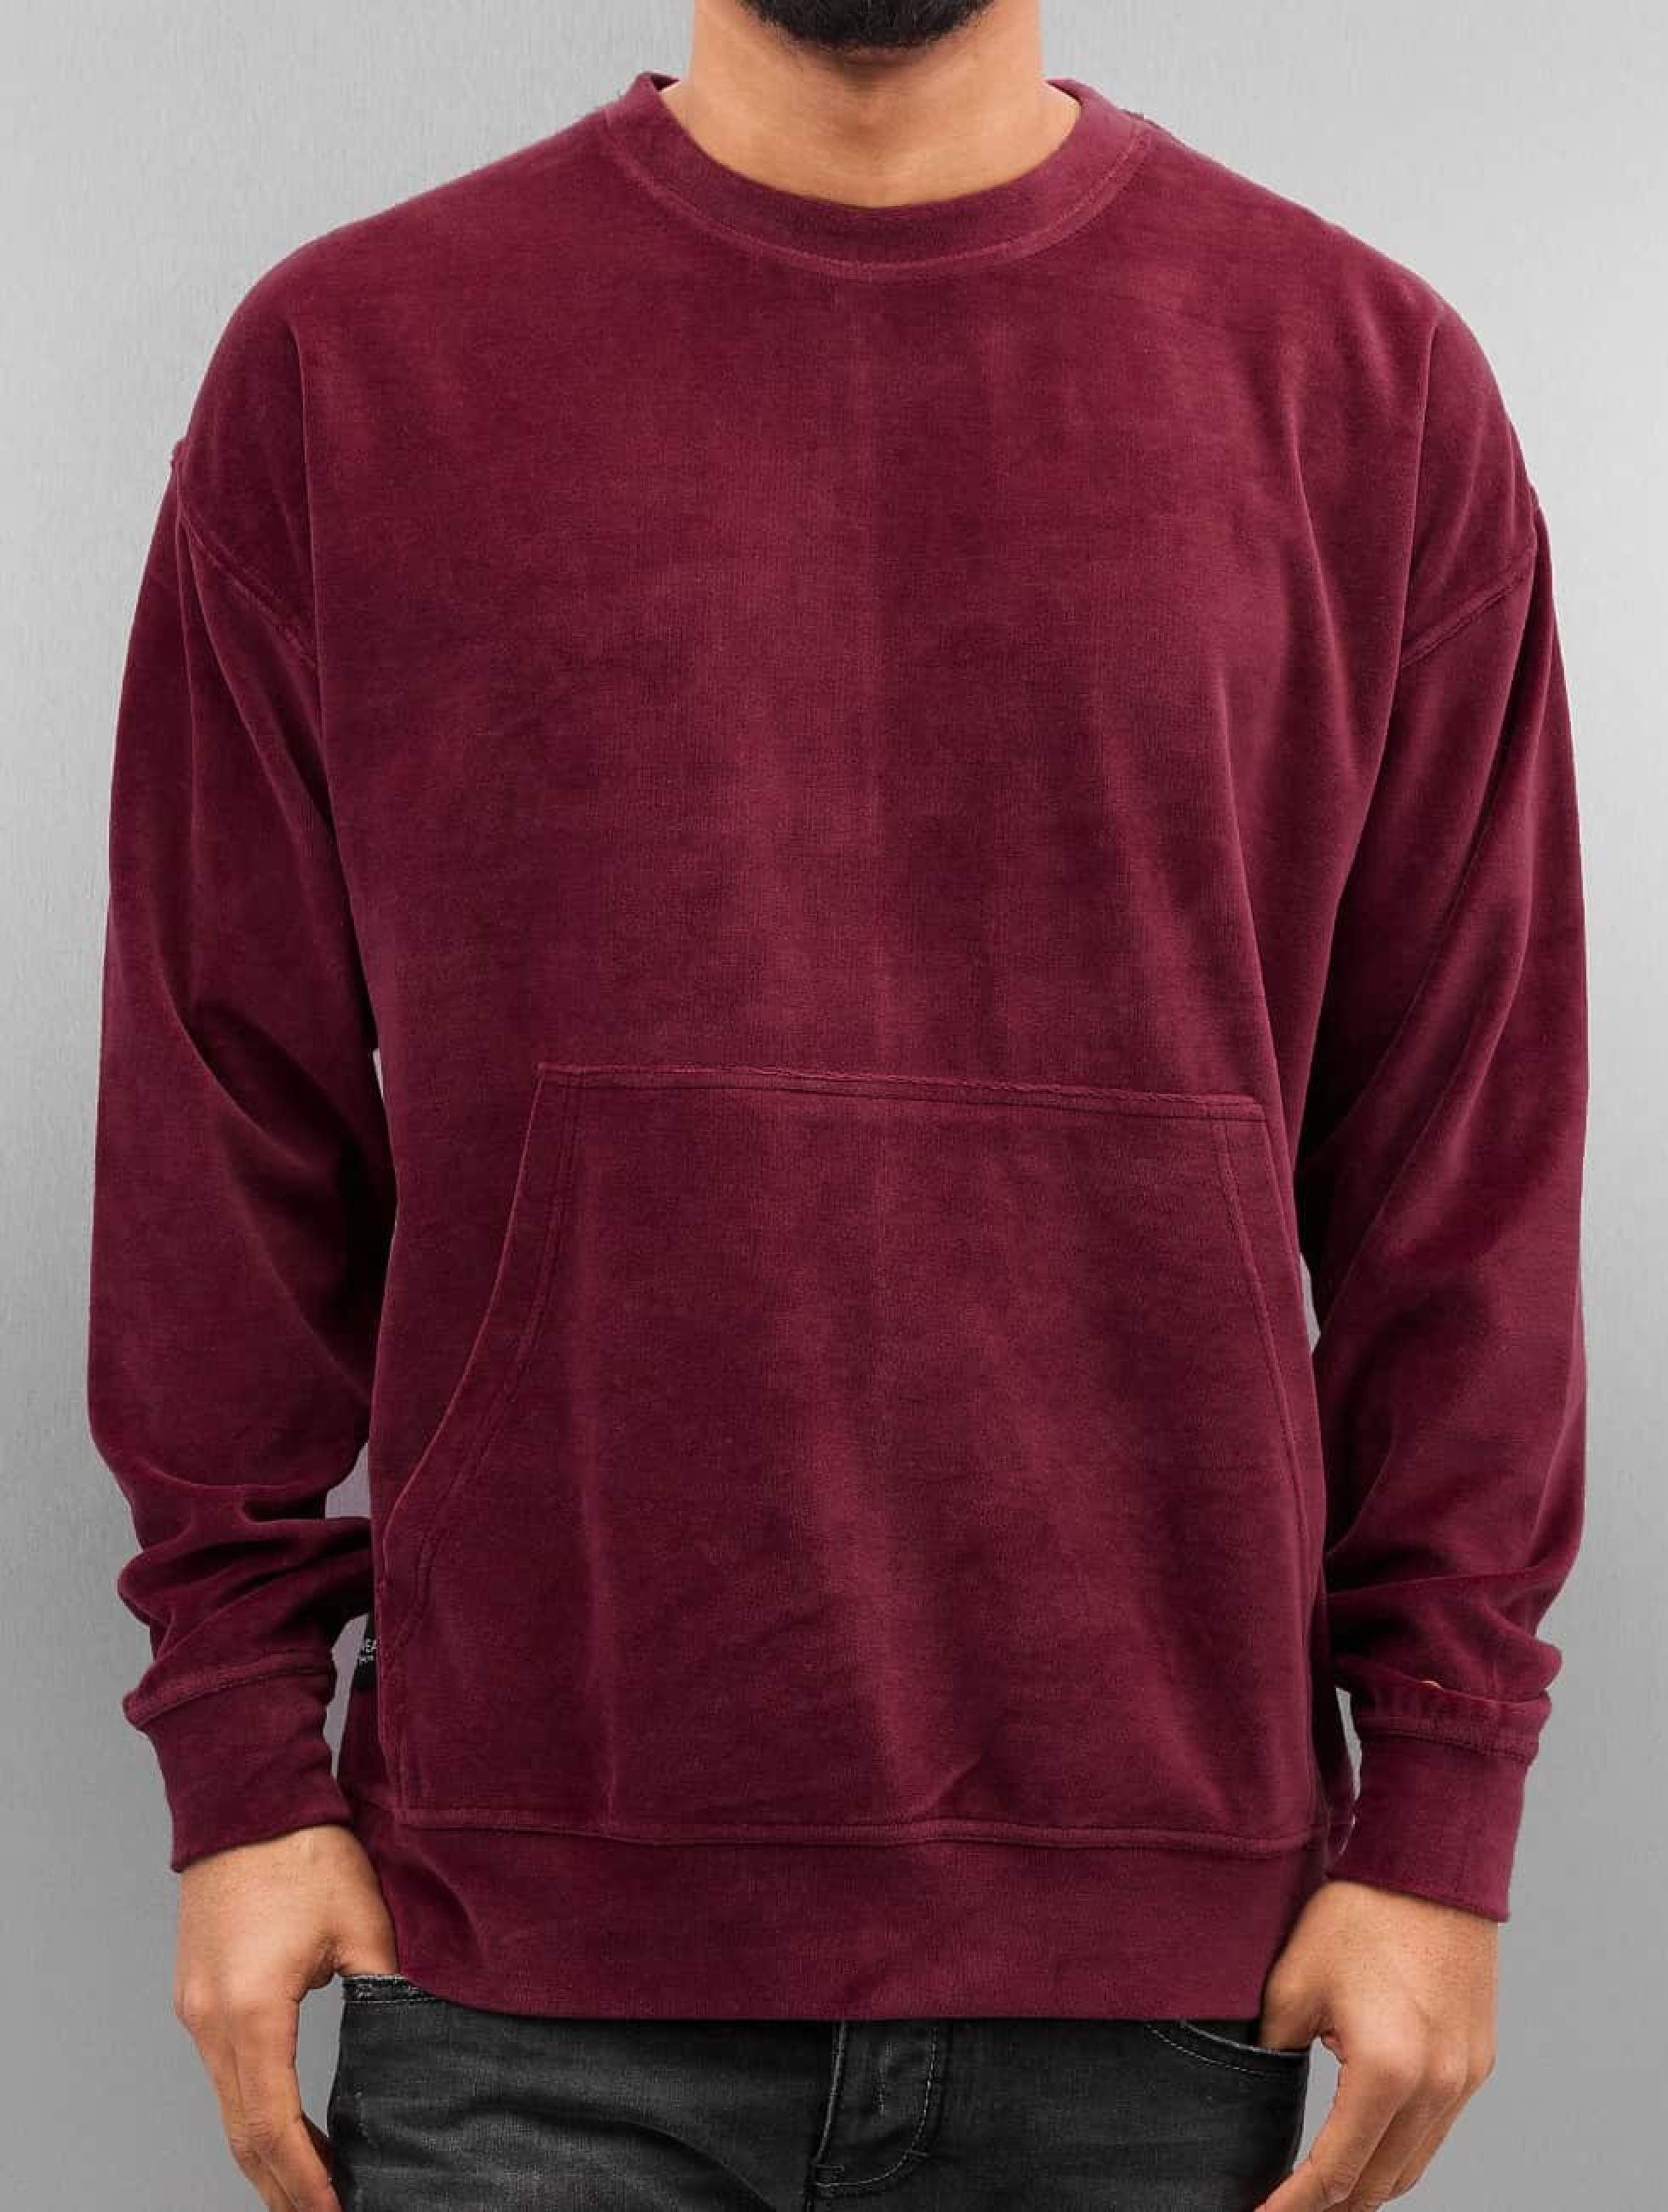 Rocawear / Jumper Velour Samt in red XL